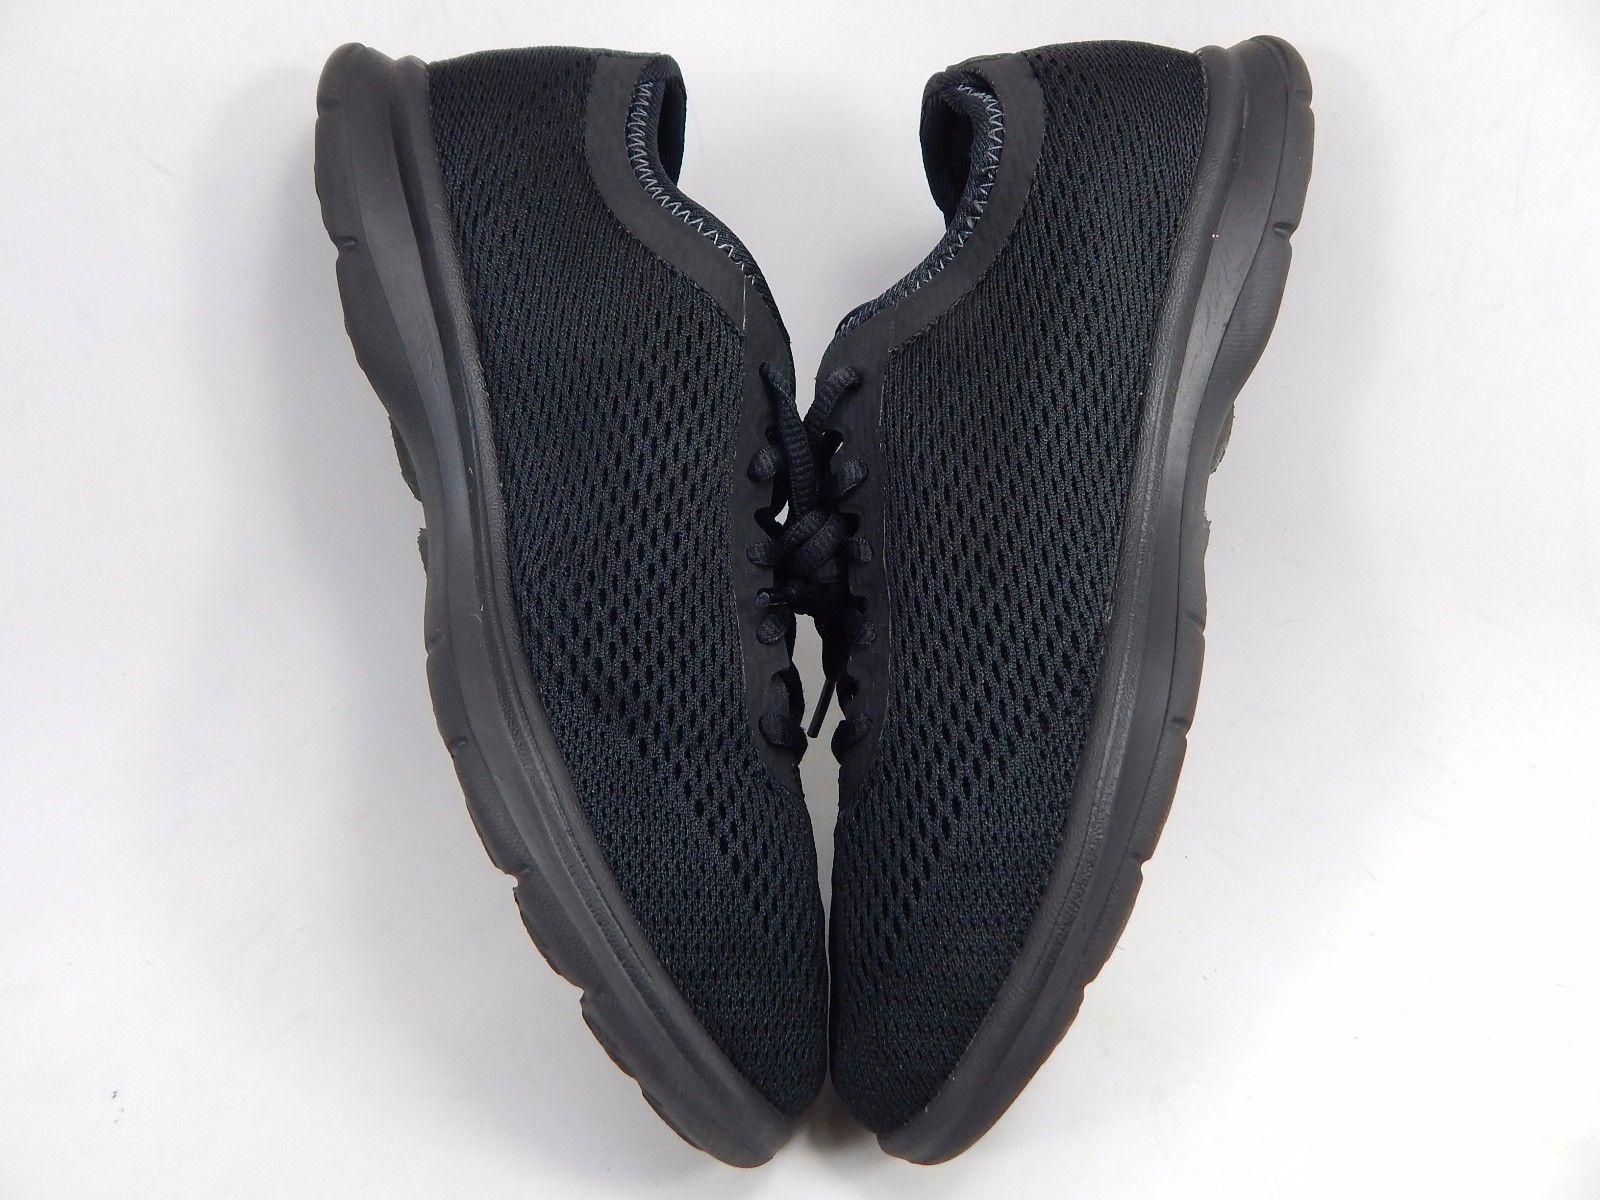 Skechers Go Step Women's Comfort Athletic Shoes Size US 8 M (B) EU 38 Black